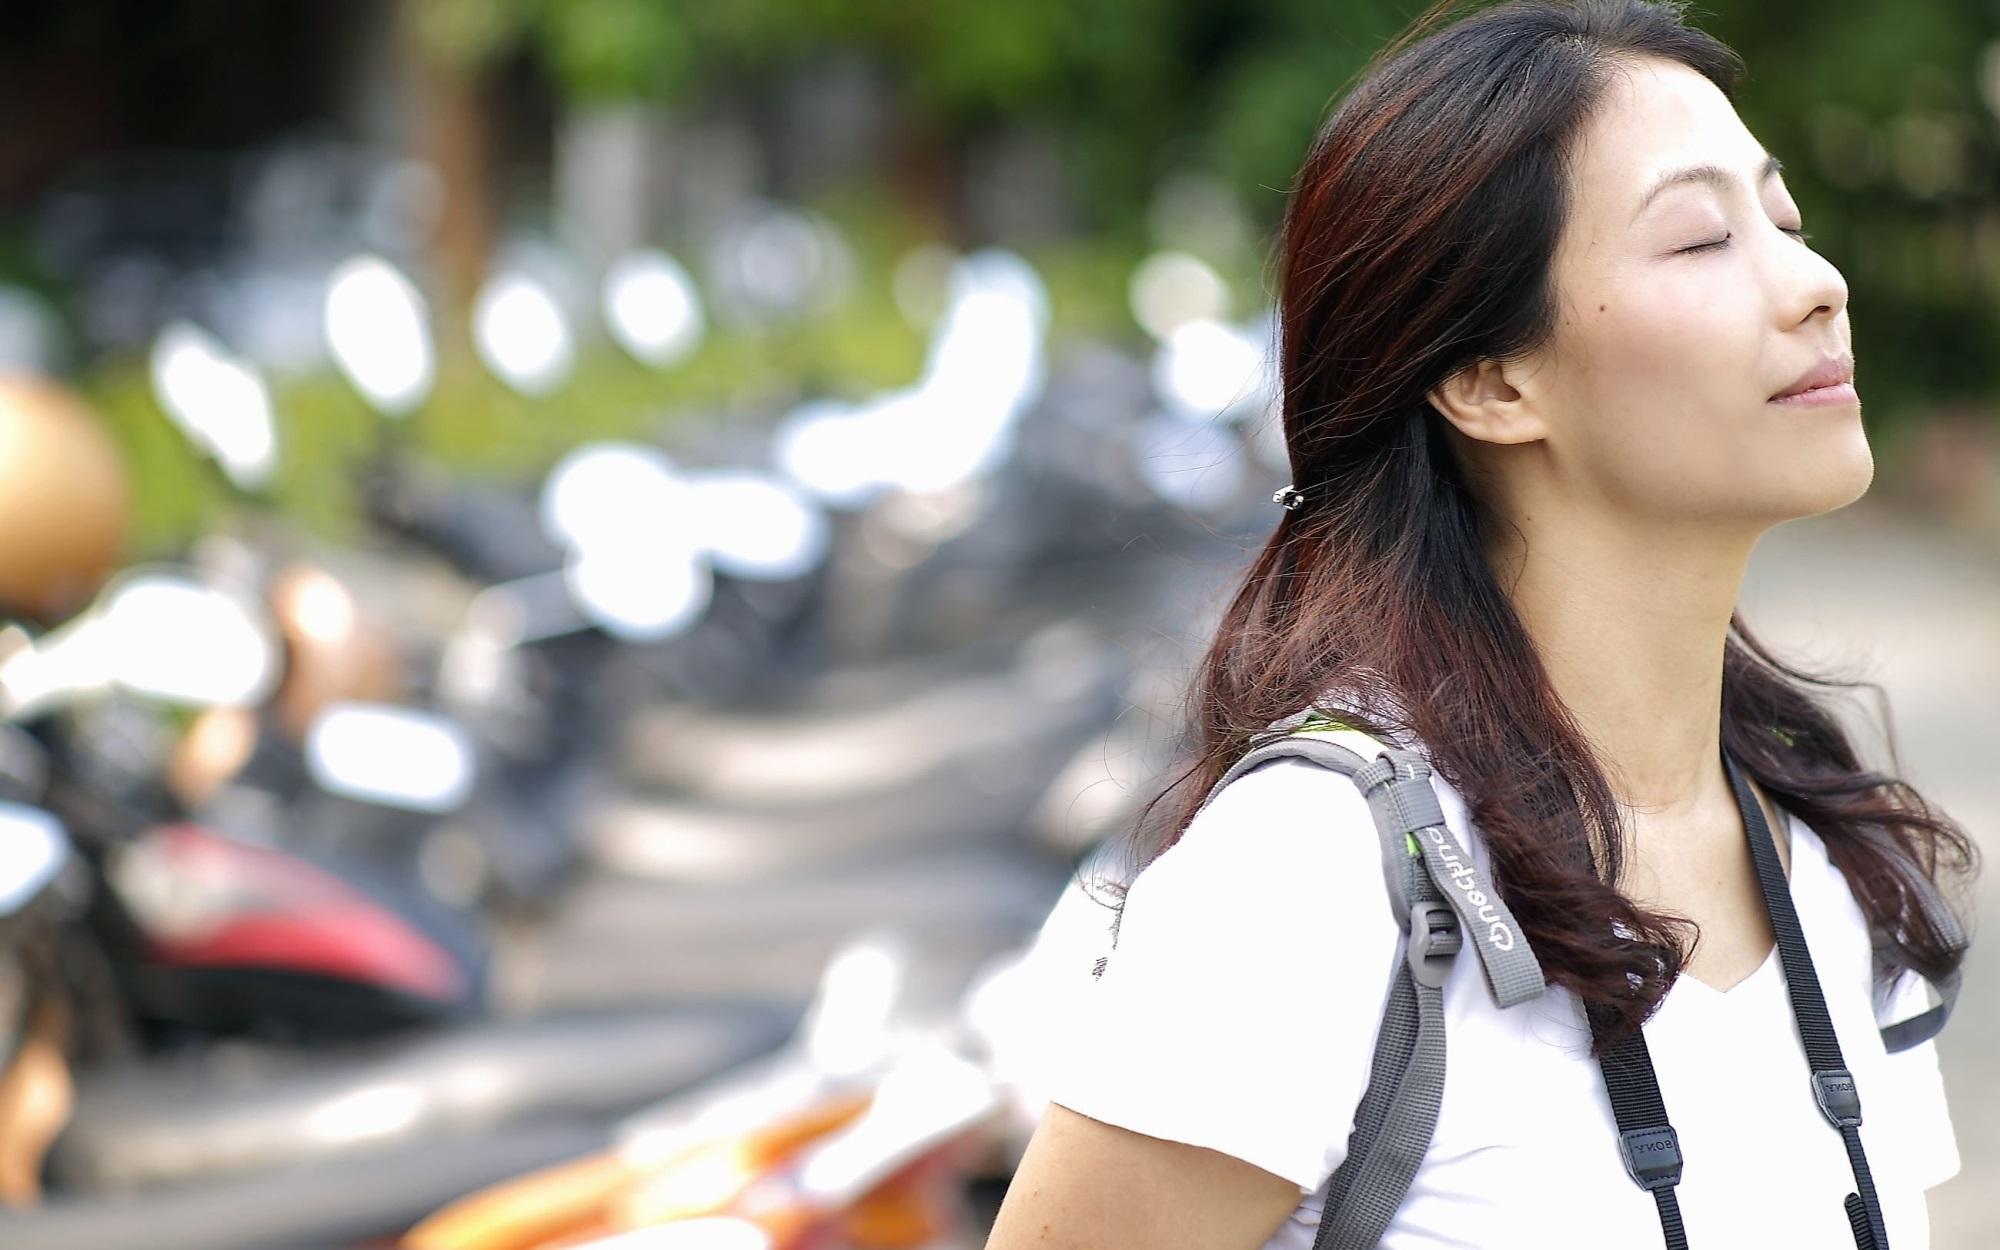 """8 điều phụ nữ cần """"nằm lòng"""" để tiêu tiền một cách khôn ngoan và hạnh phúc - Ảnh 1"""